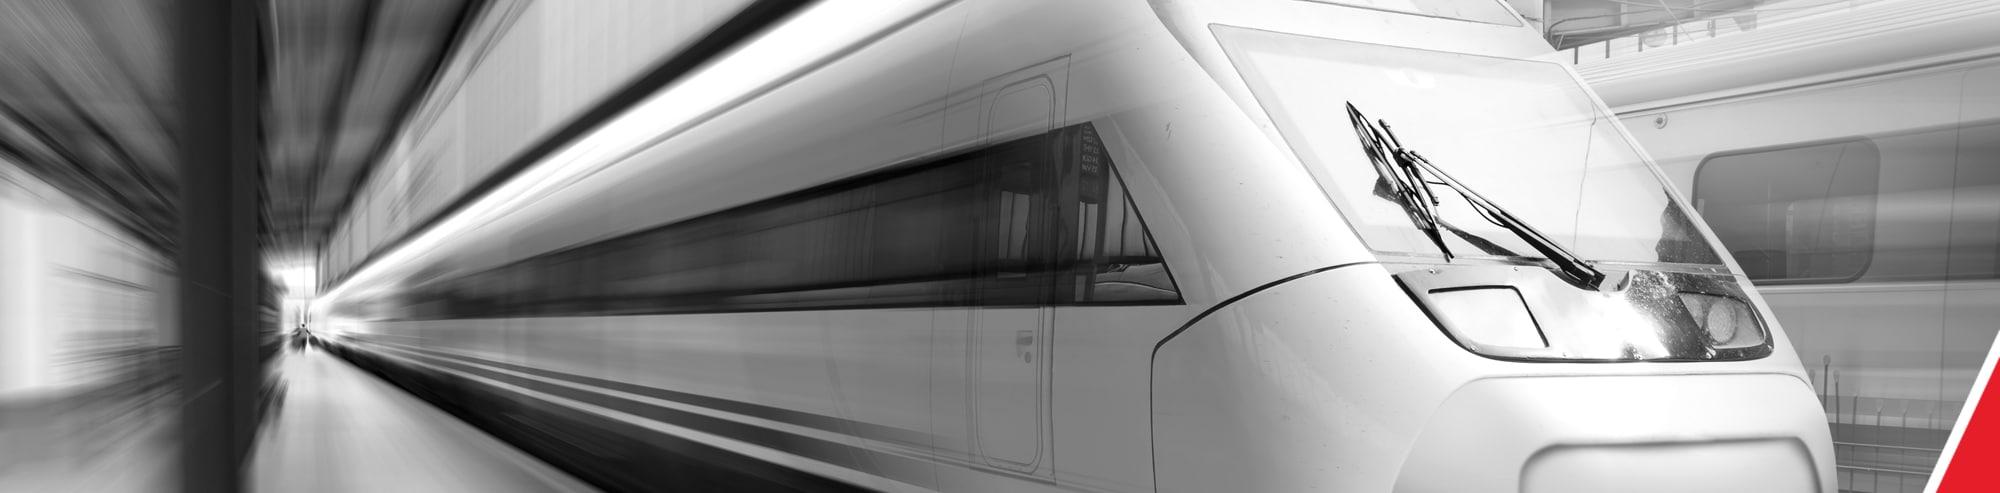 slider-train-2000